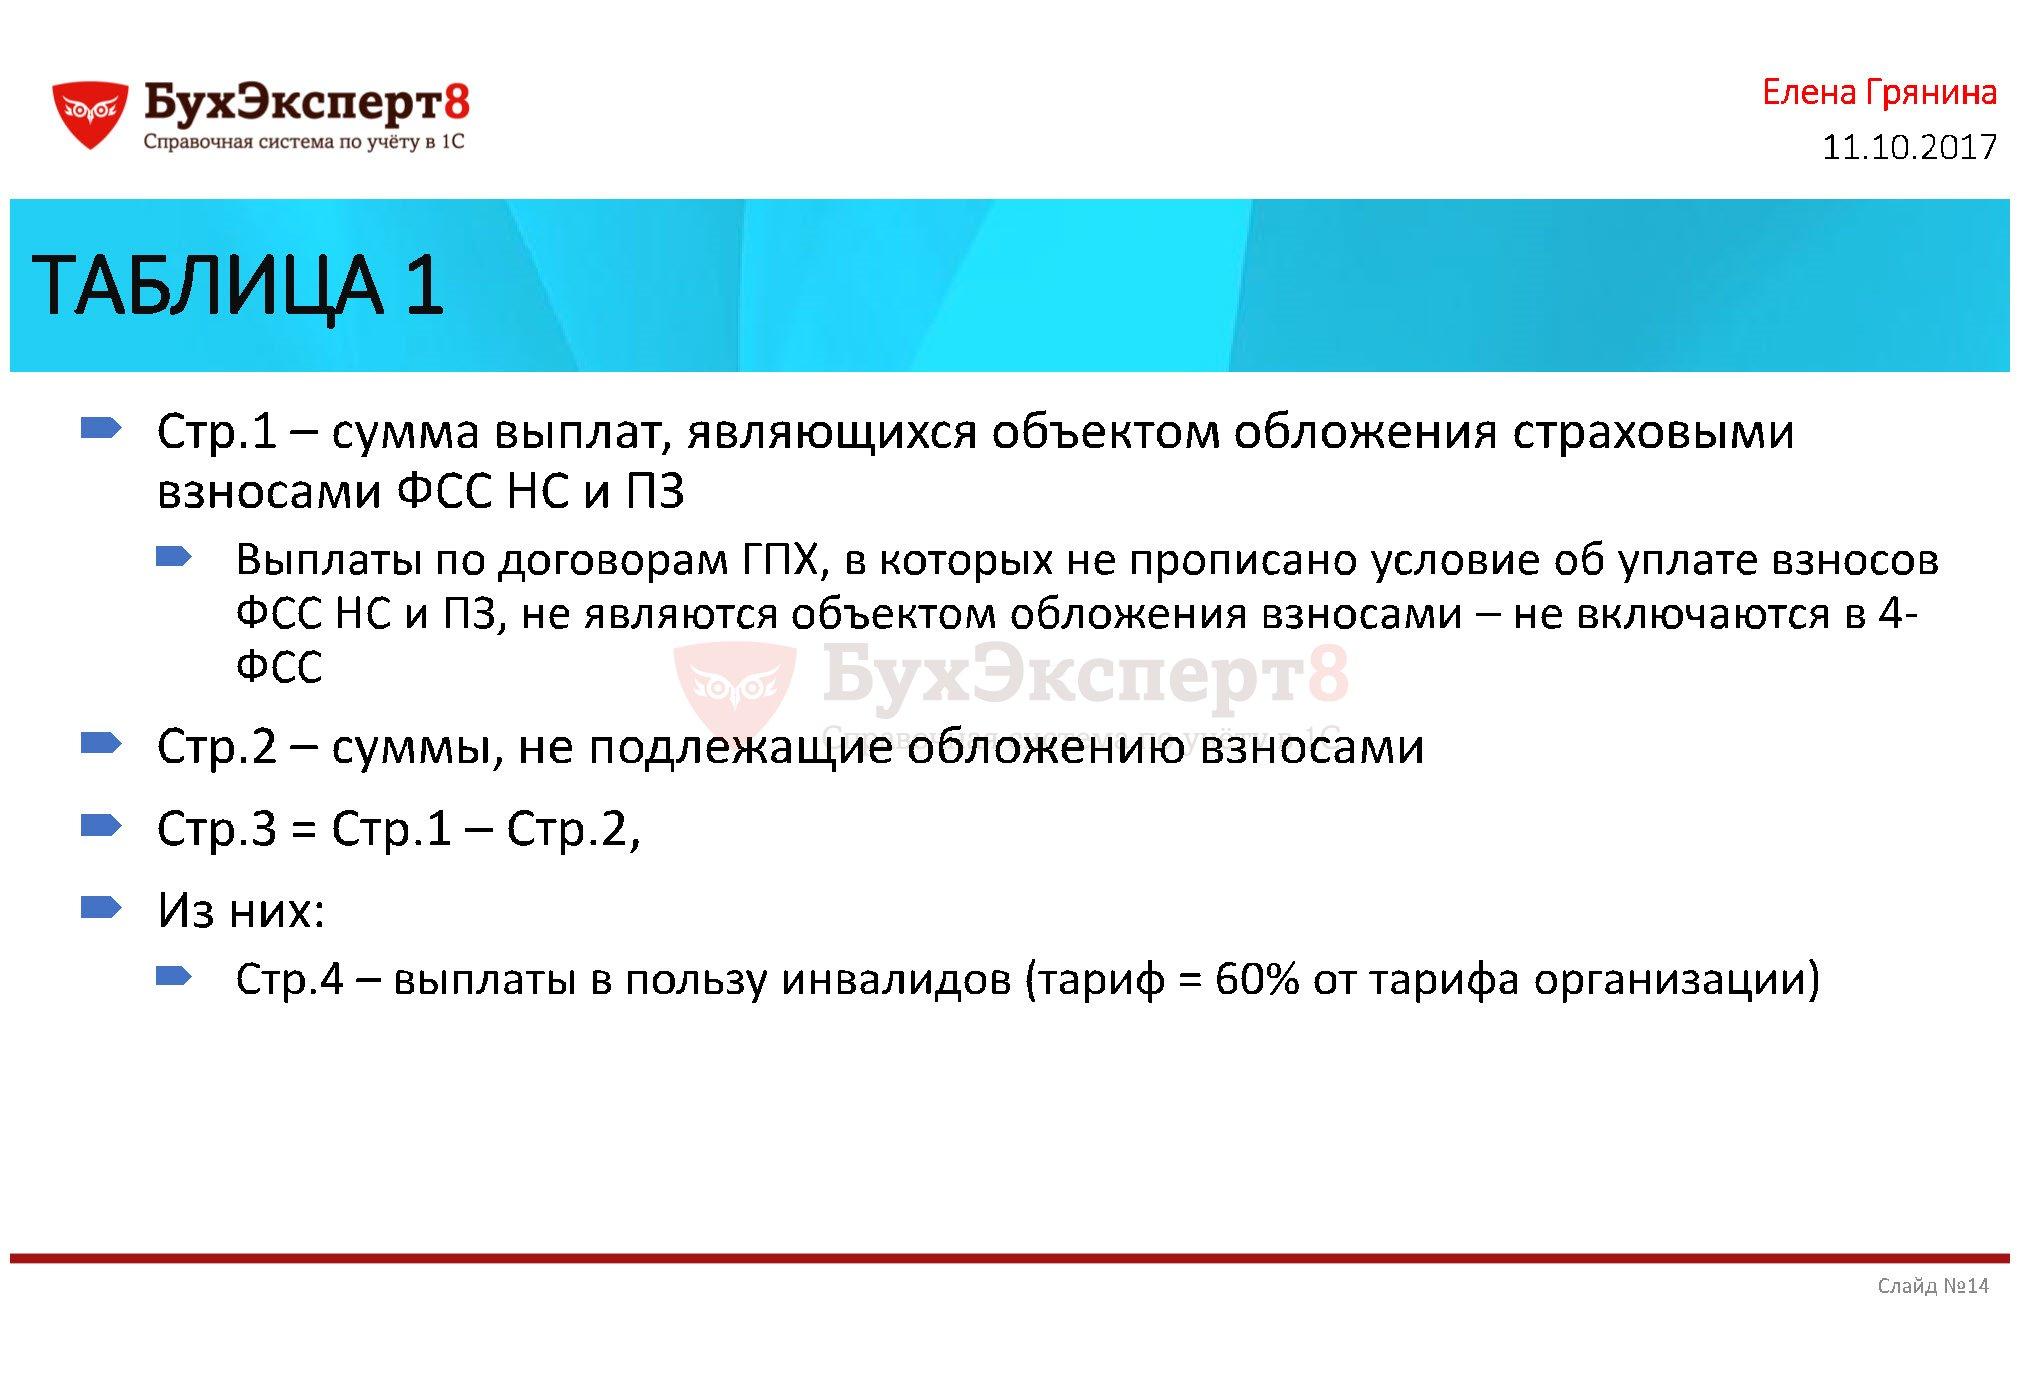 ТАБЛИЦА 1 Стр.1 – сумма выплат, являющихся объектом обложения страховыми взносами ФСС НС и ПЗ Выплаты по договорам ГПХ, в которых не прописано условие об уплате взносов ФСС НС и ПЗ, не являются объектом обложения взносами – не включаются в 4- ФСС Стр.2 – суммы, не подлежащие обложению взносами Стр.3 = Стр.1 – Стр.2, Из них: Стр.4 – выплаты в пользу инвалидов (тариф = 60% от тарифа организации)